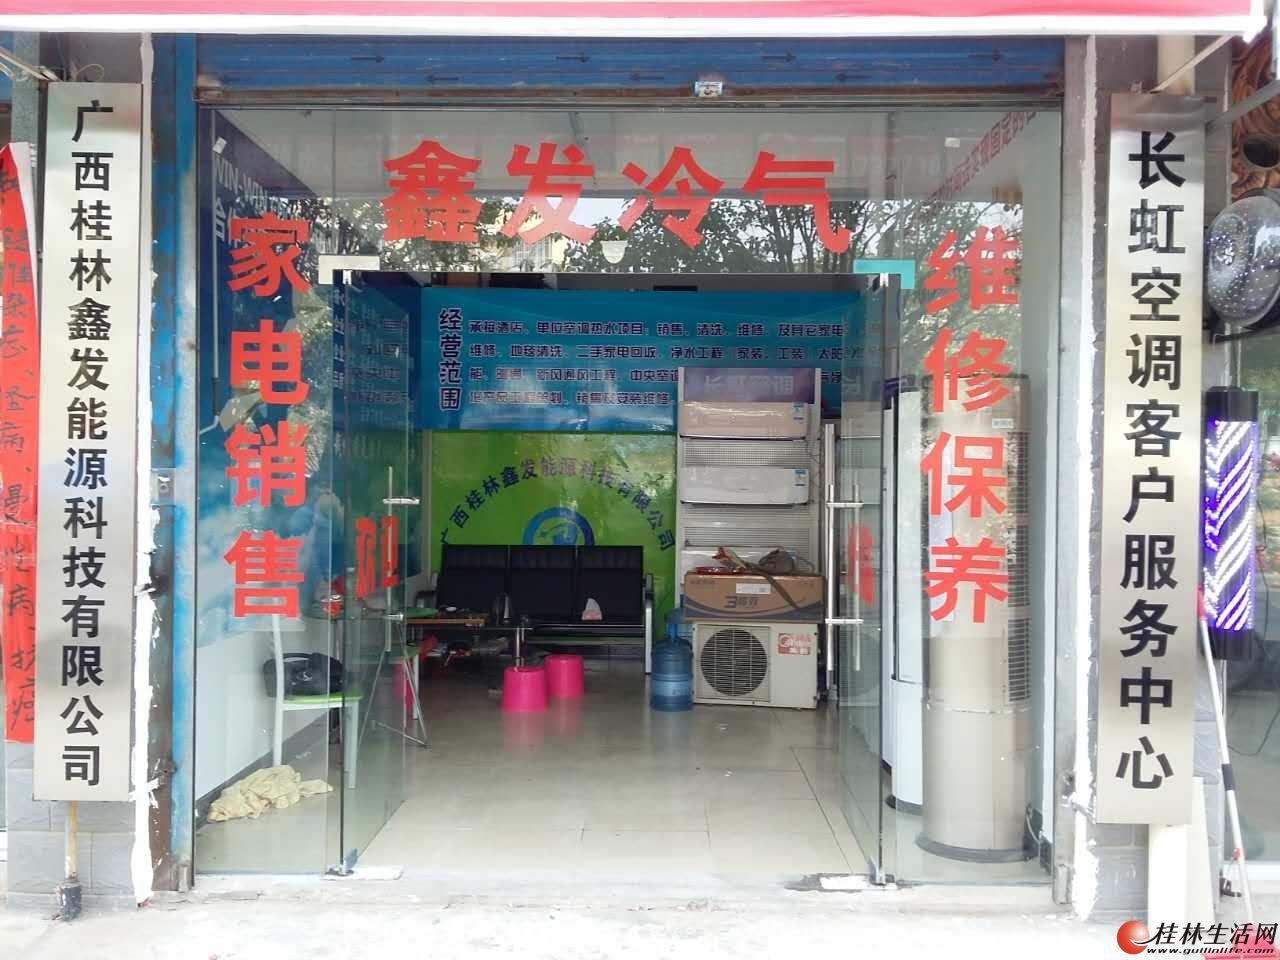 长虹空调客户服务中心:空调维修.安装.拆装.加氟.消毒清洗.